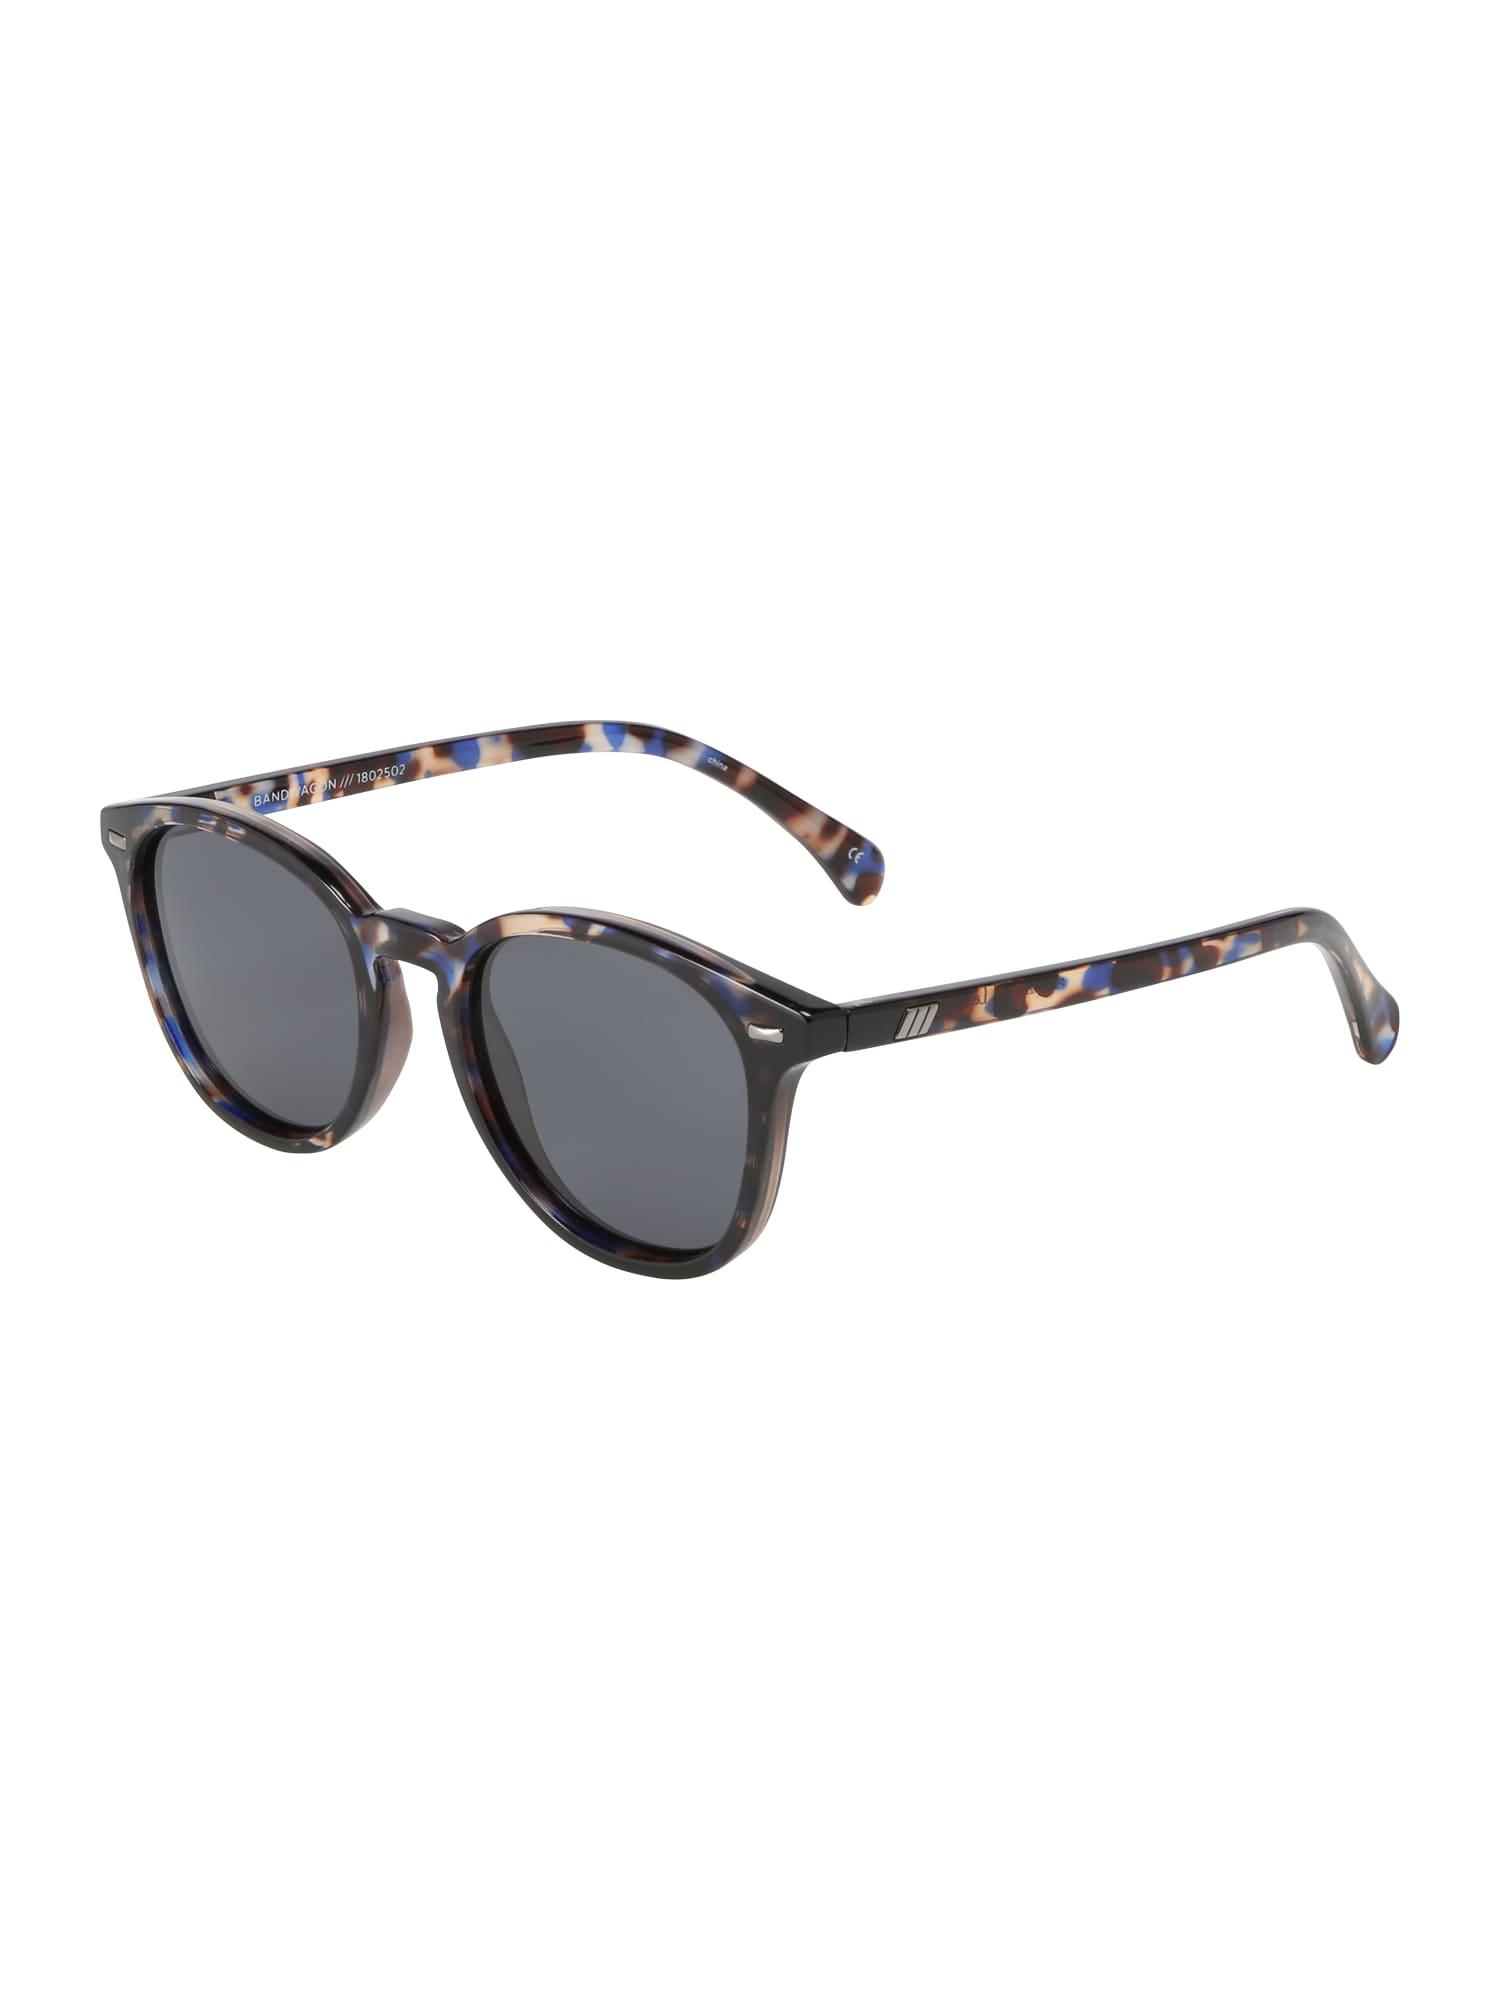 Sluneční brýle Bandwagon námořnická modř hnědá LE SPECS